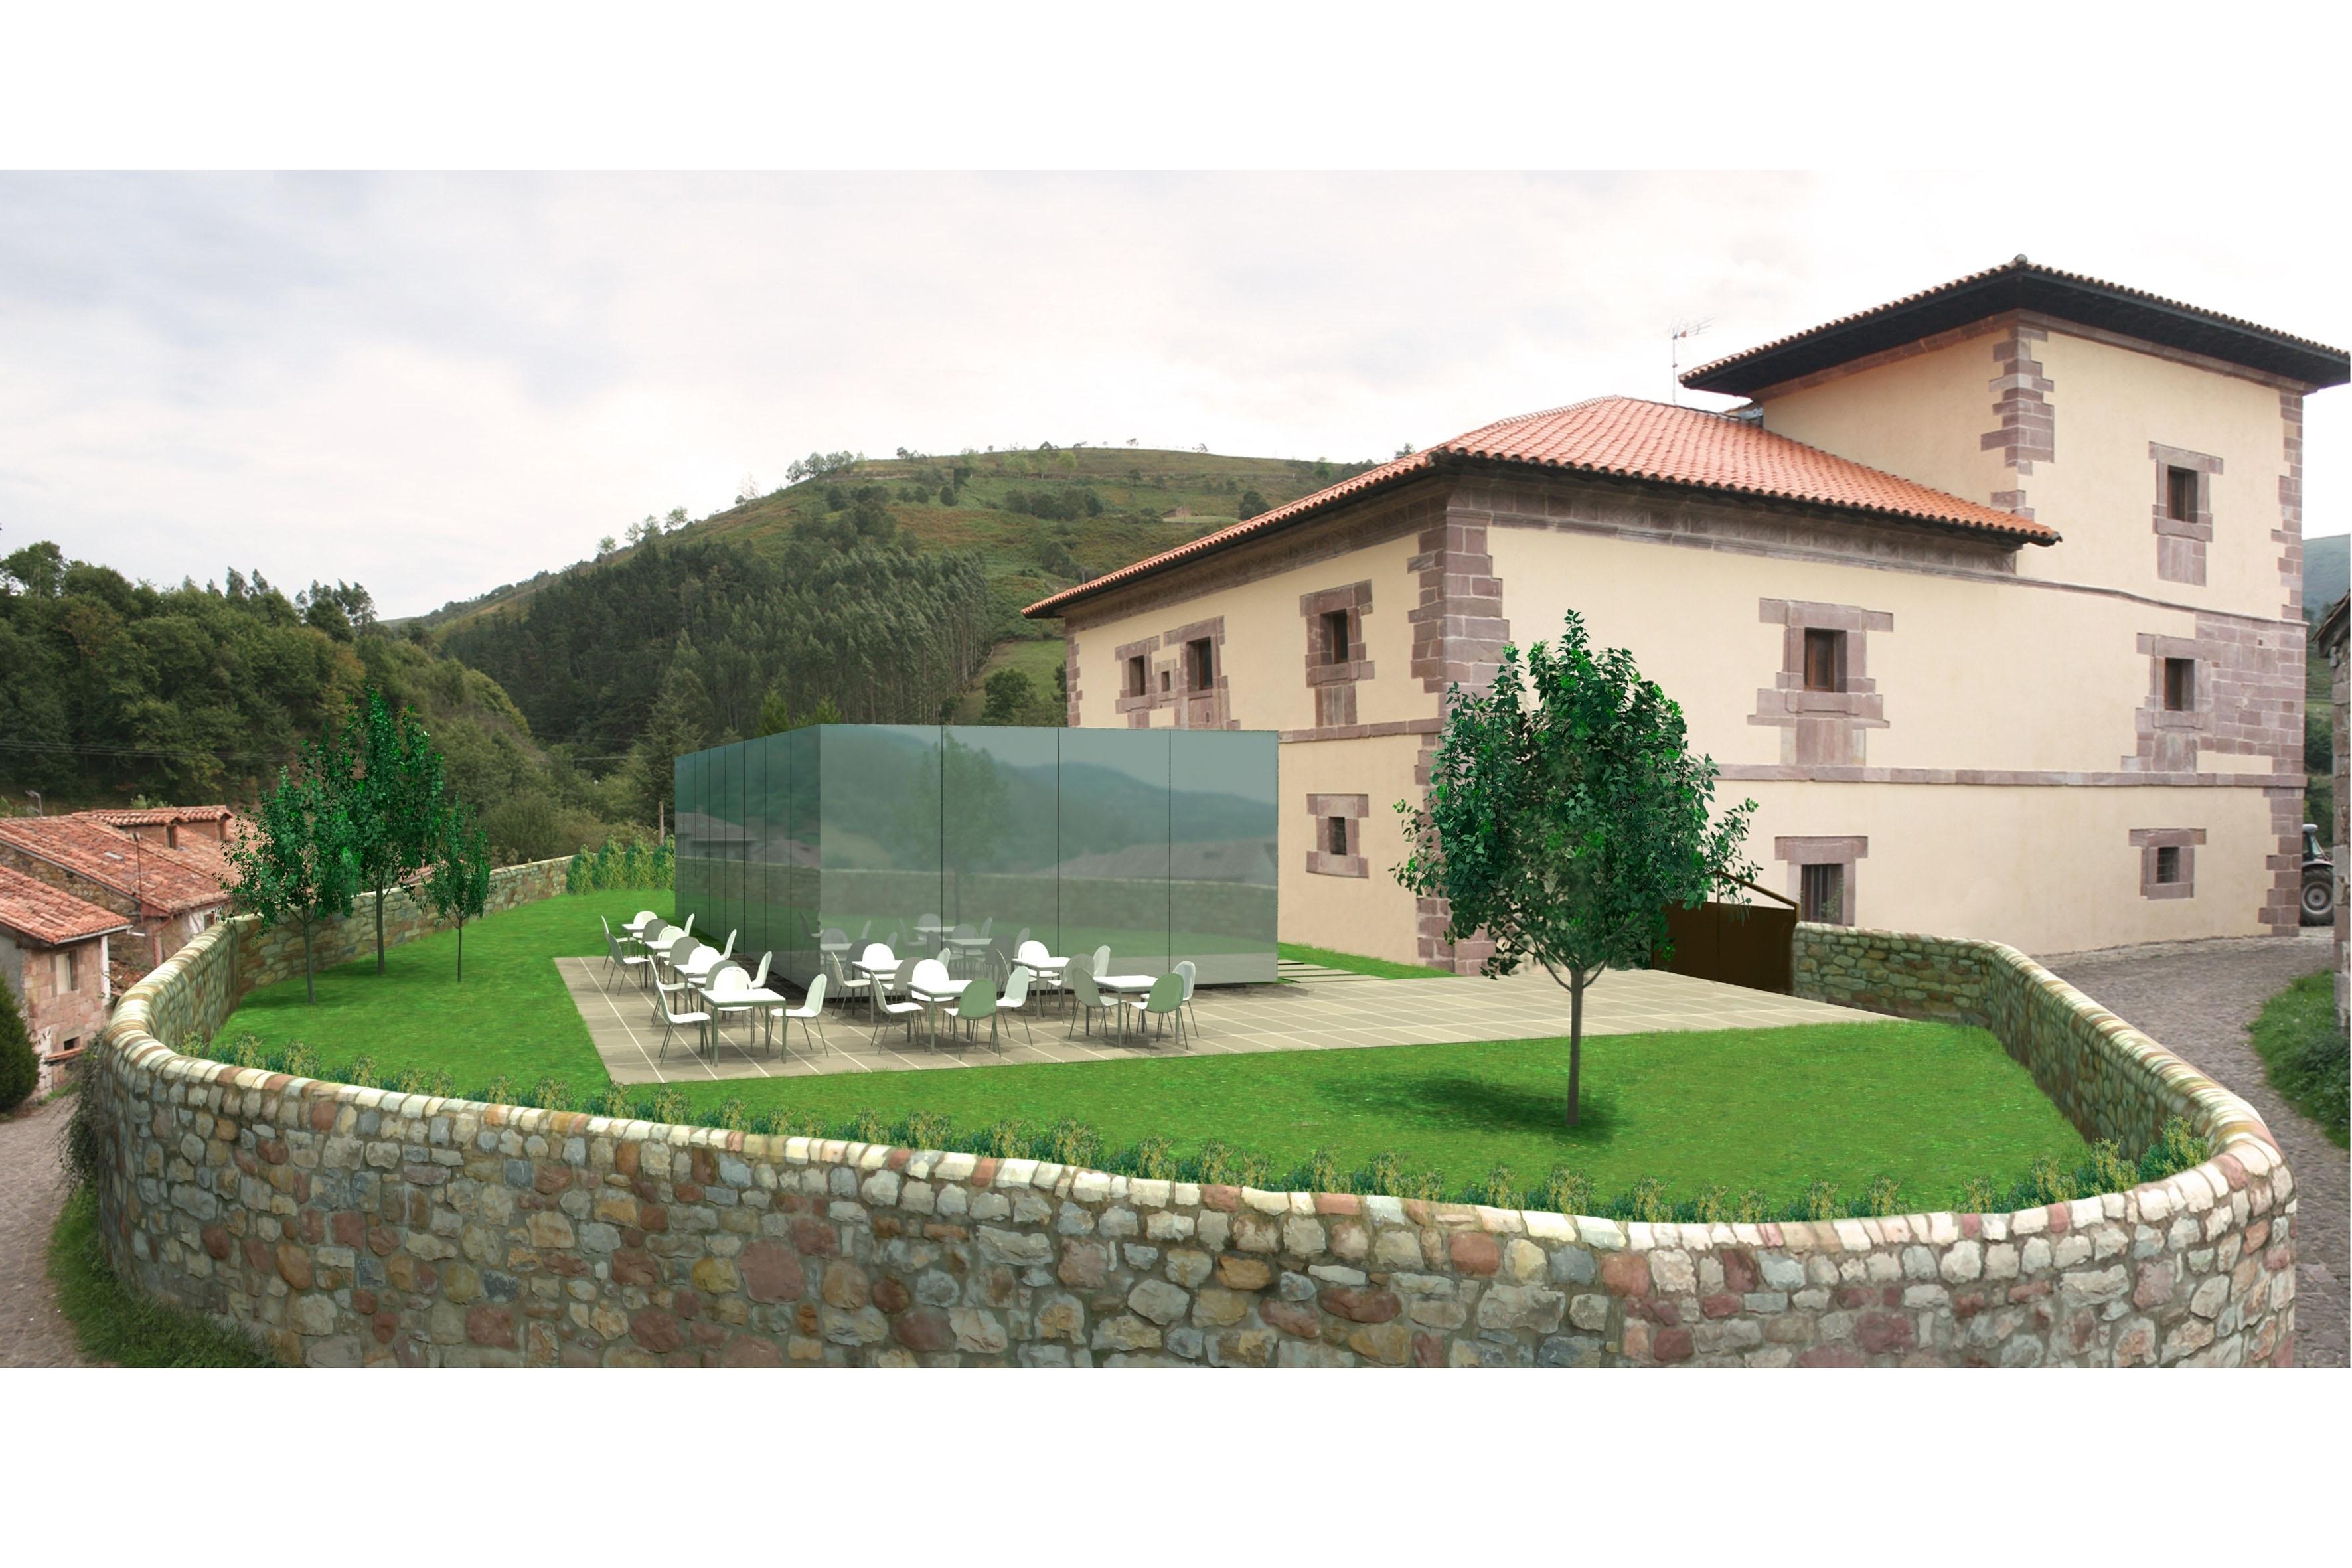 El Gobierno de Cantabria prevé reabrir la Venta de Carmona para la próxima primavera